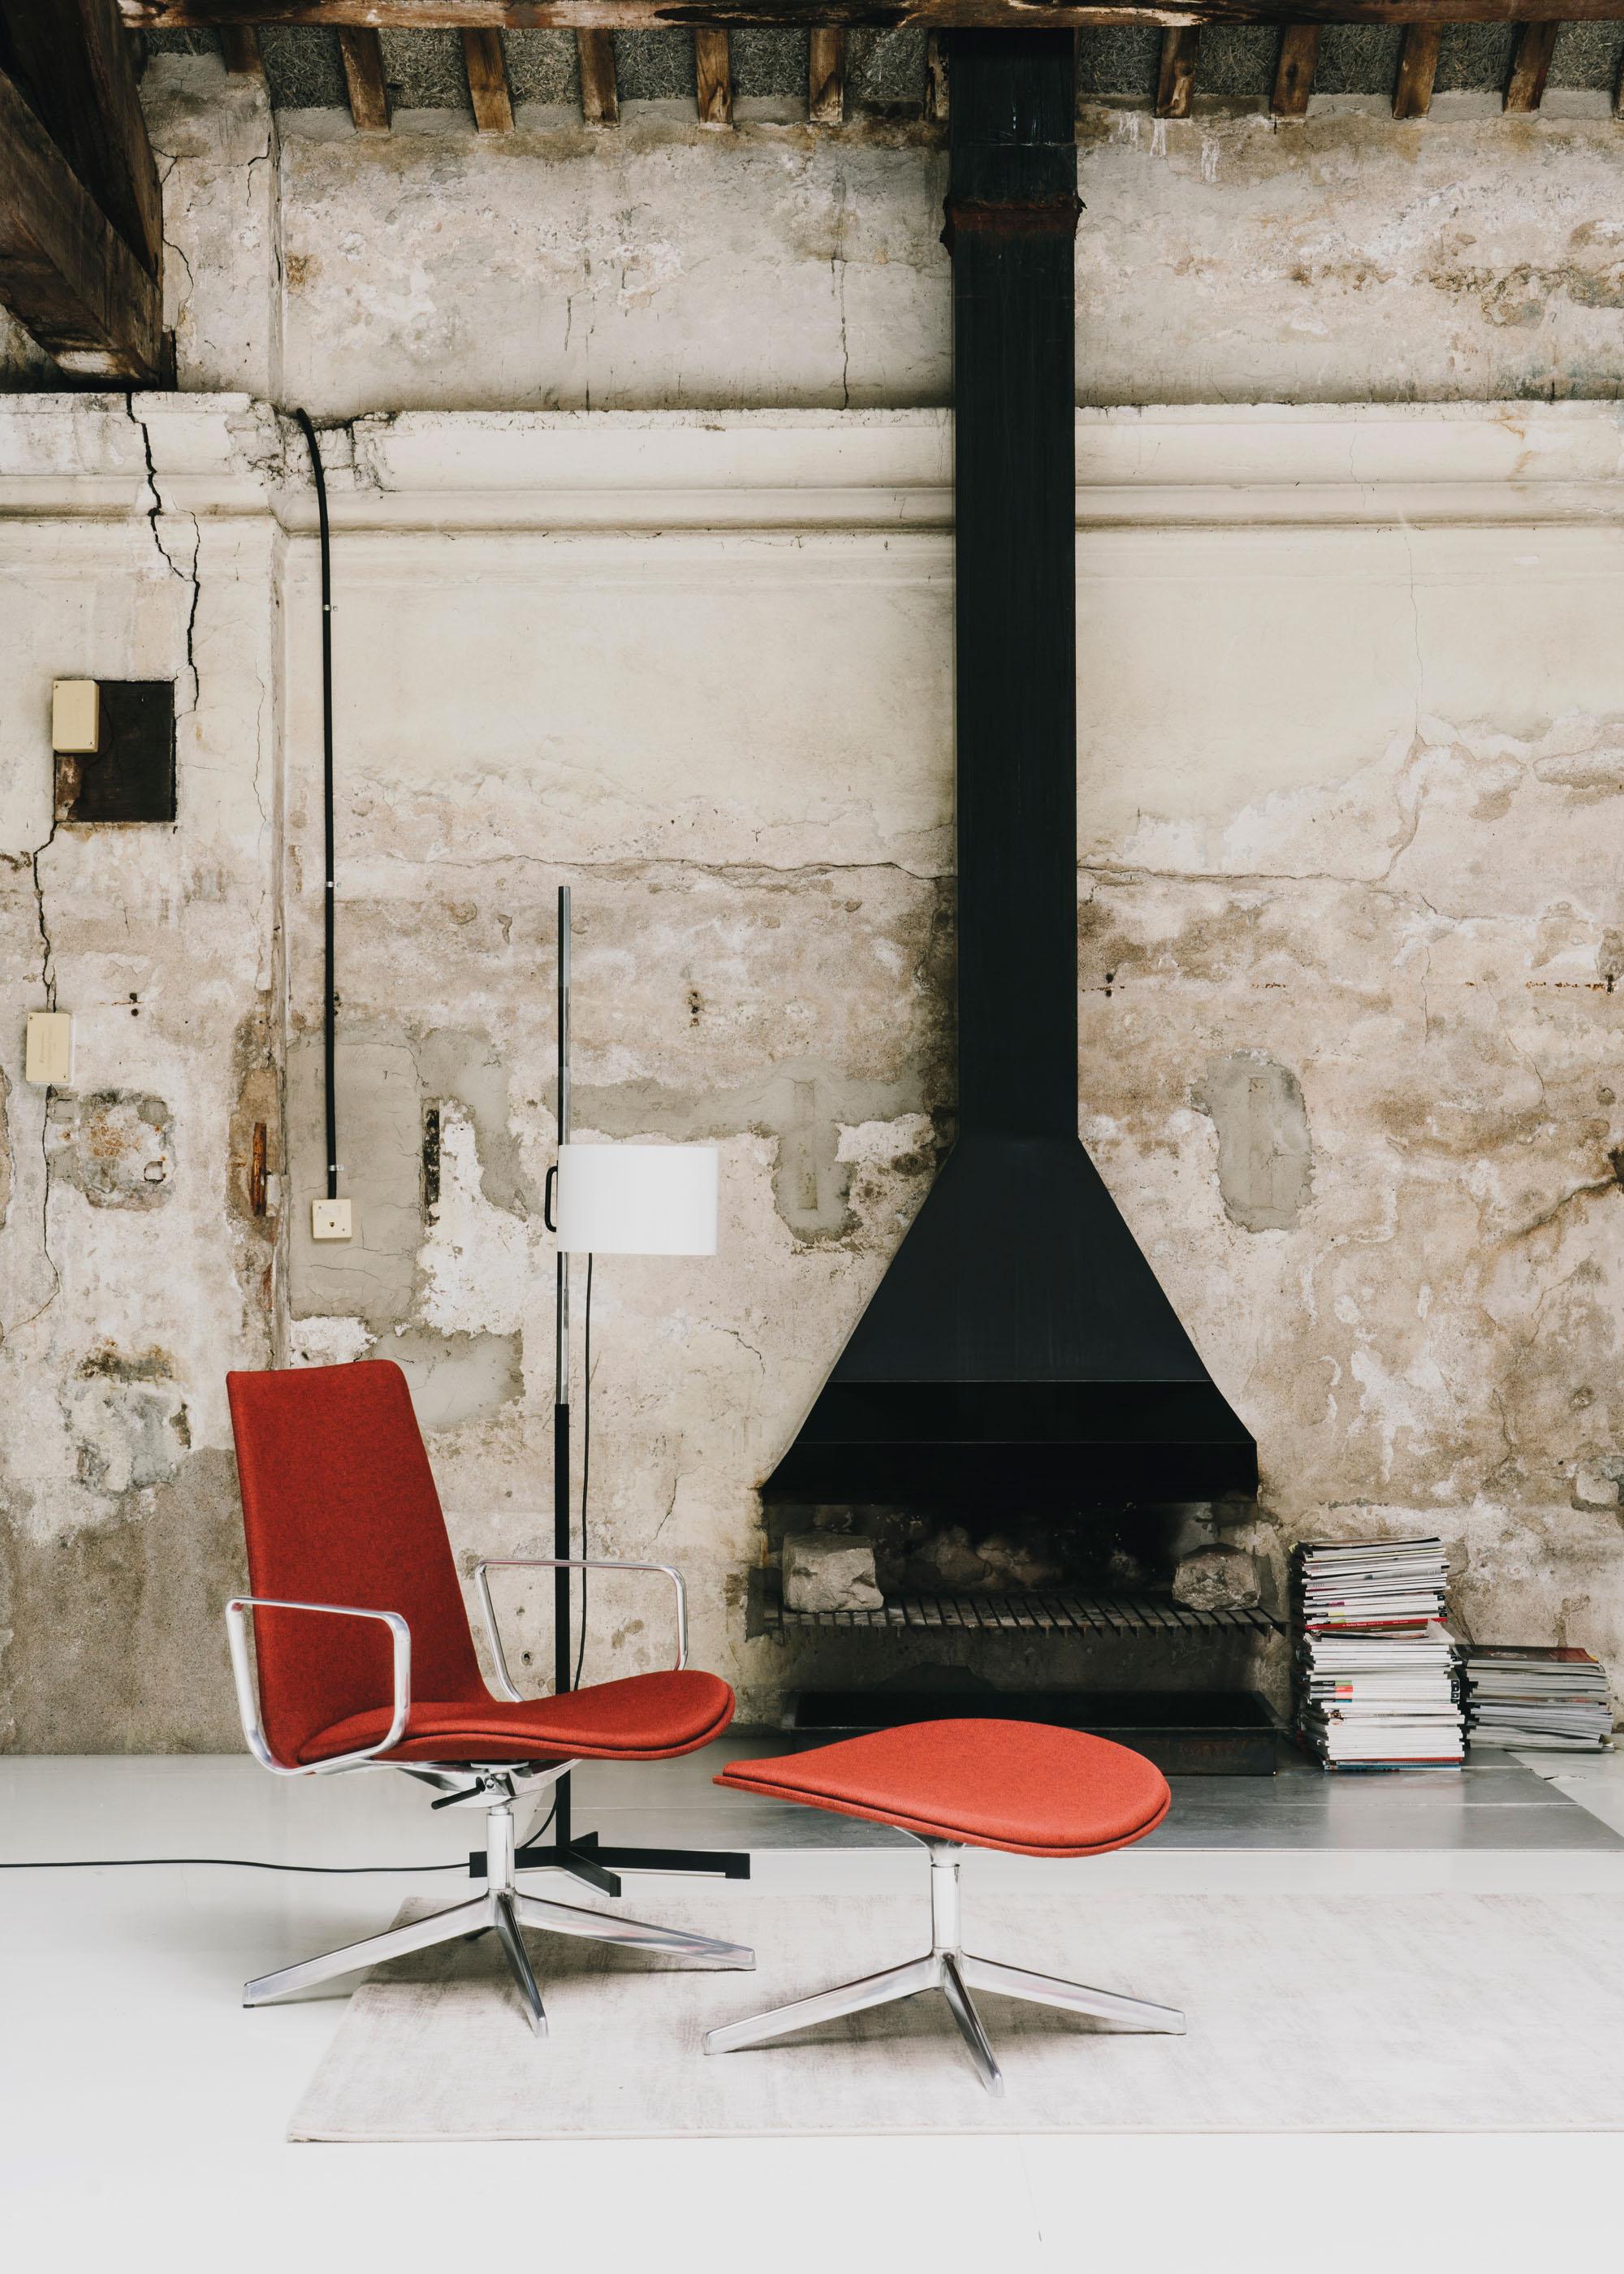 #furniture #enea #design #clase #barcelona #interiors #santacole #tmc #miguelmila #red